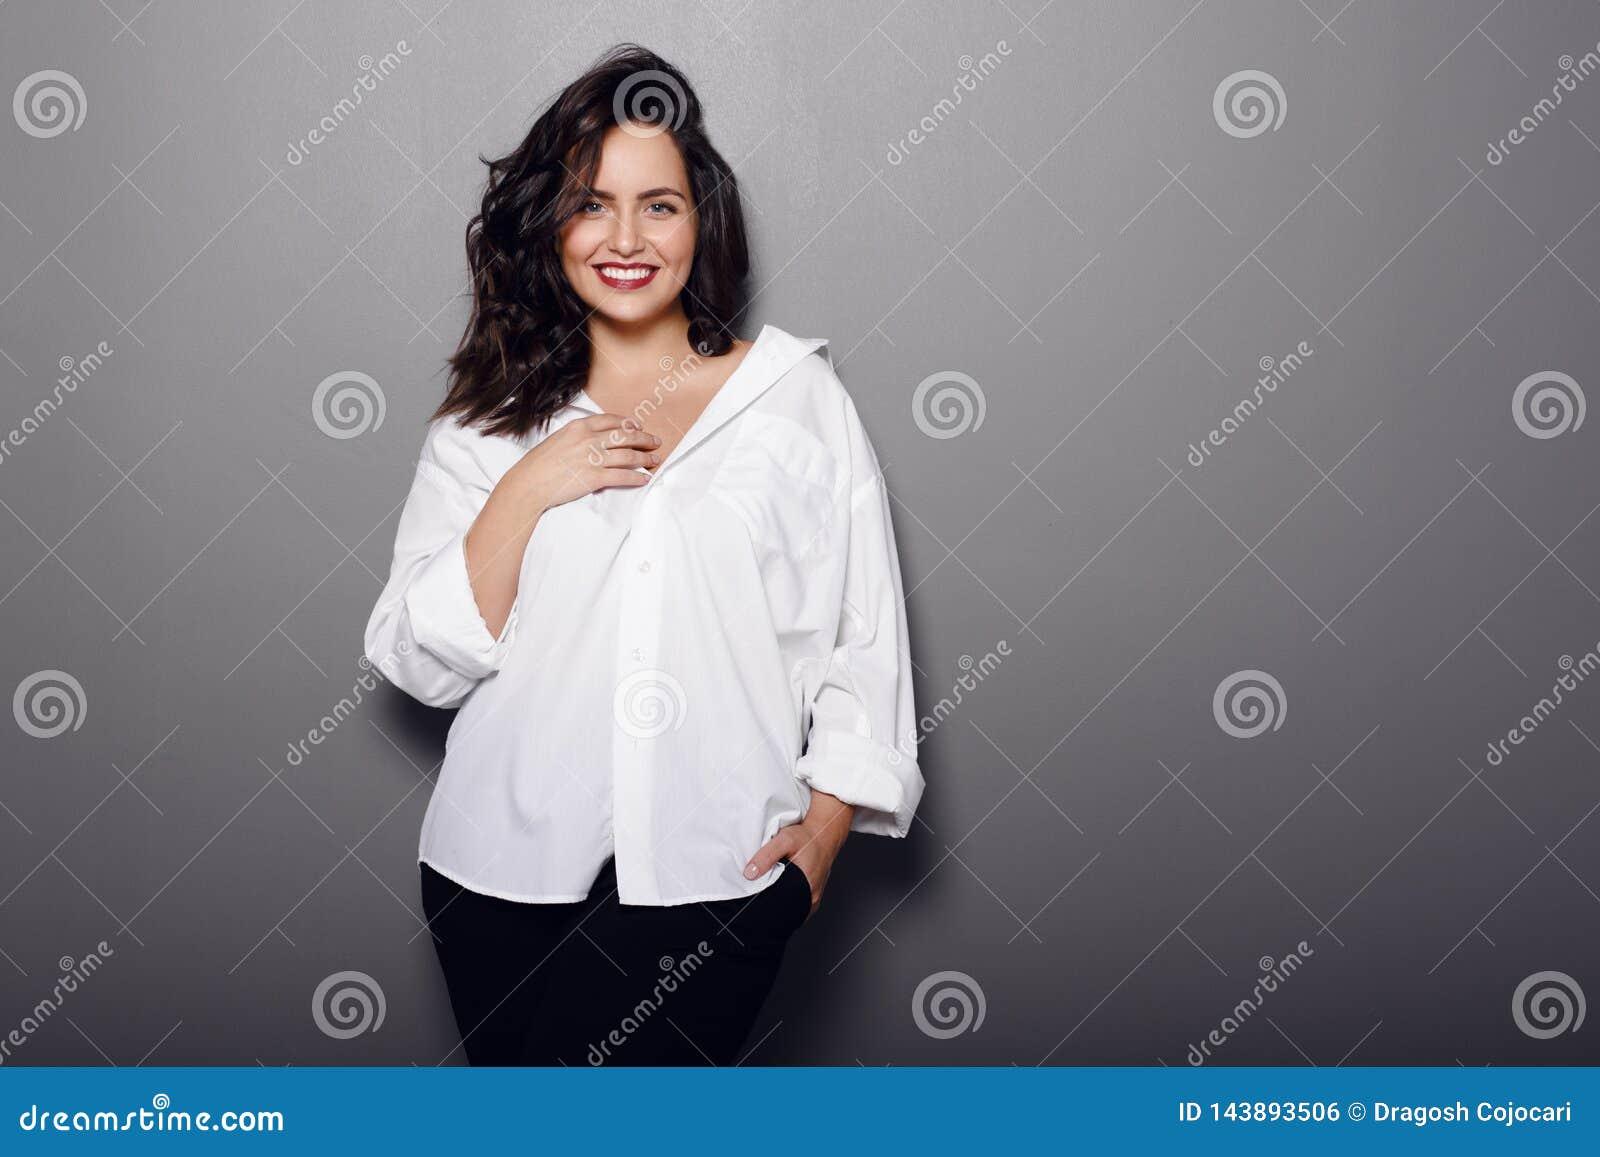 Schoonheidsportret van vrolijke donkerbruine vrouw, slijtage in wit overhemd en zwarte broek, die op een grijze achtergrond wordt